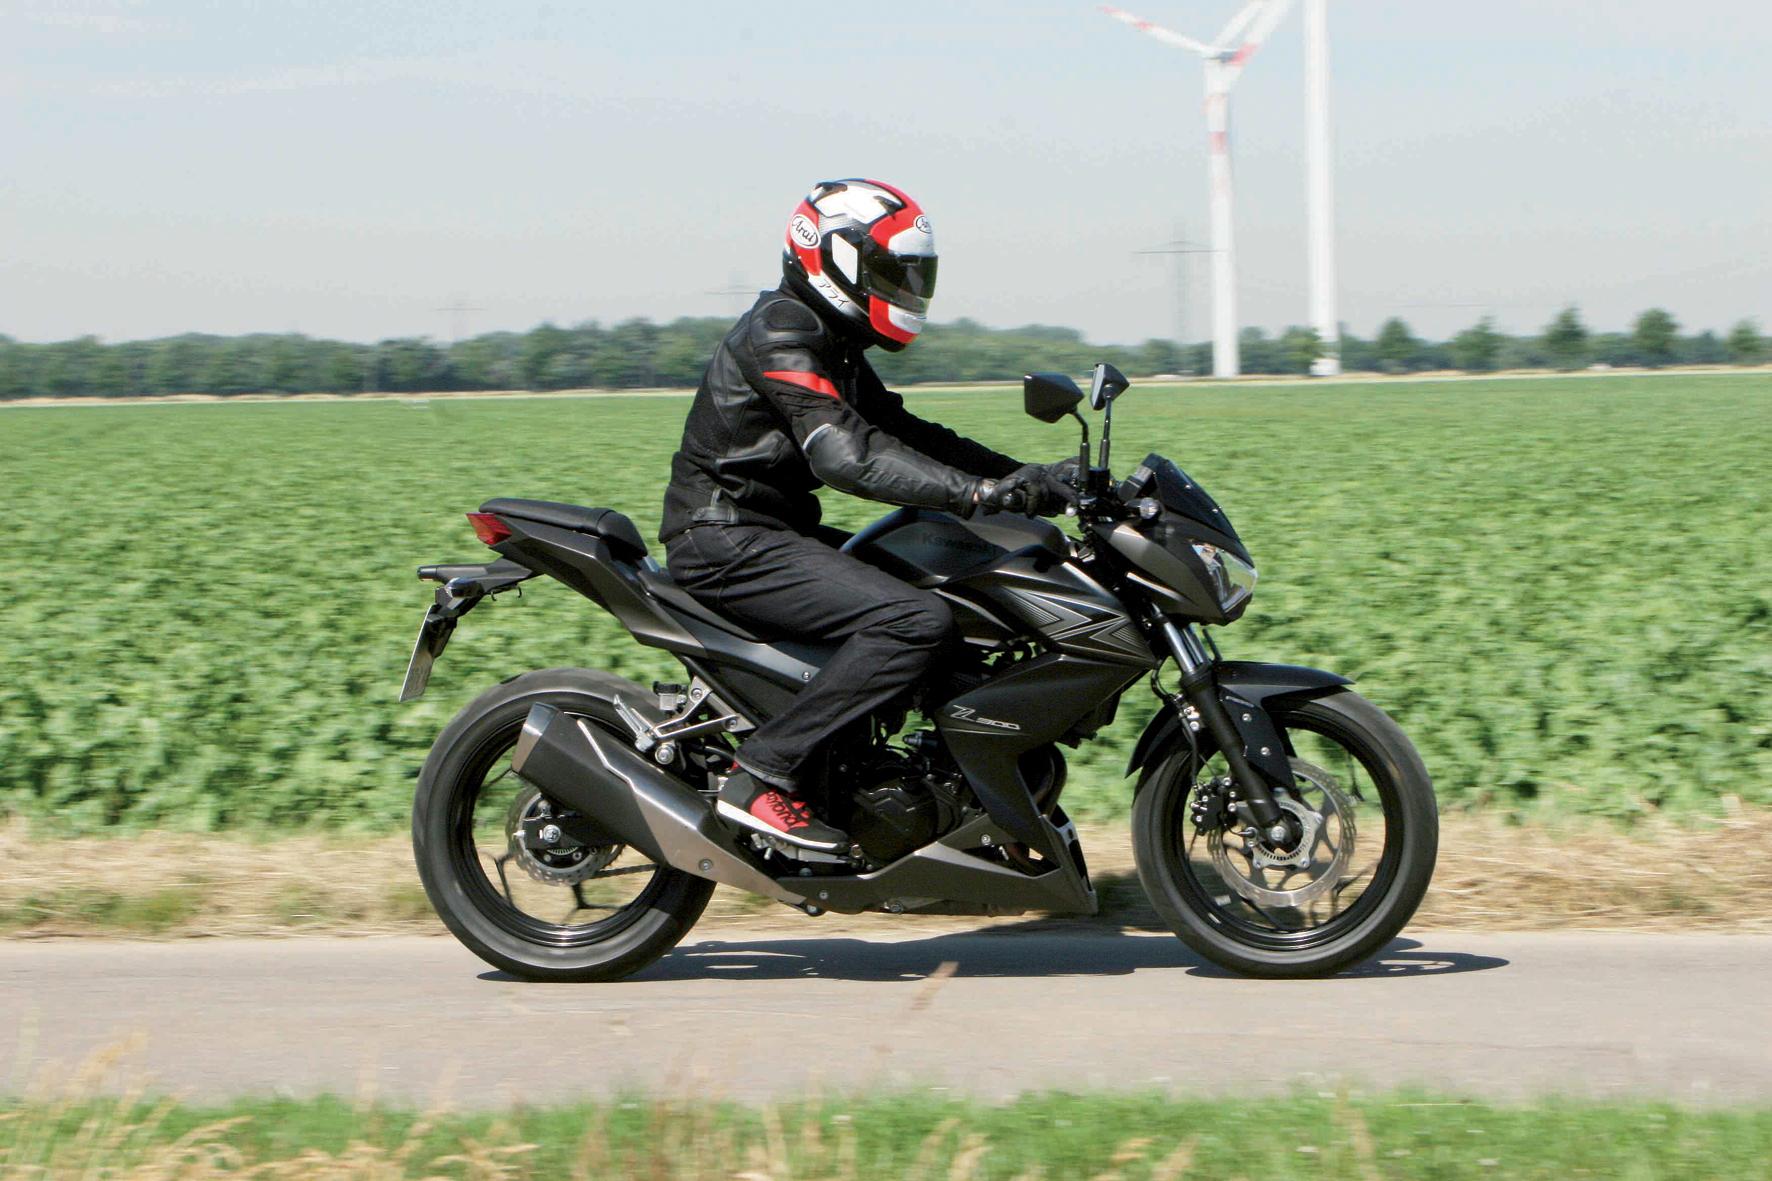 mid Friedrichsdorf/Taunus - Kawasakis neuestes Landstraßen-Bike Z300 wirkt wie ein ausgewachsenes Sportmotorrad. Mit ihrem 39-PS-Motörchen passt sie jedoch in die Motorrad-Führerscheinklasse A2, die für Neu- wie Wieder-Einsteiger gedacht ist.